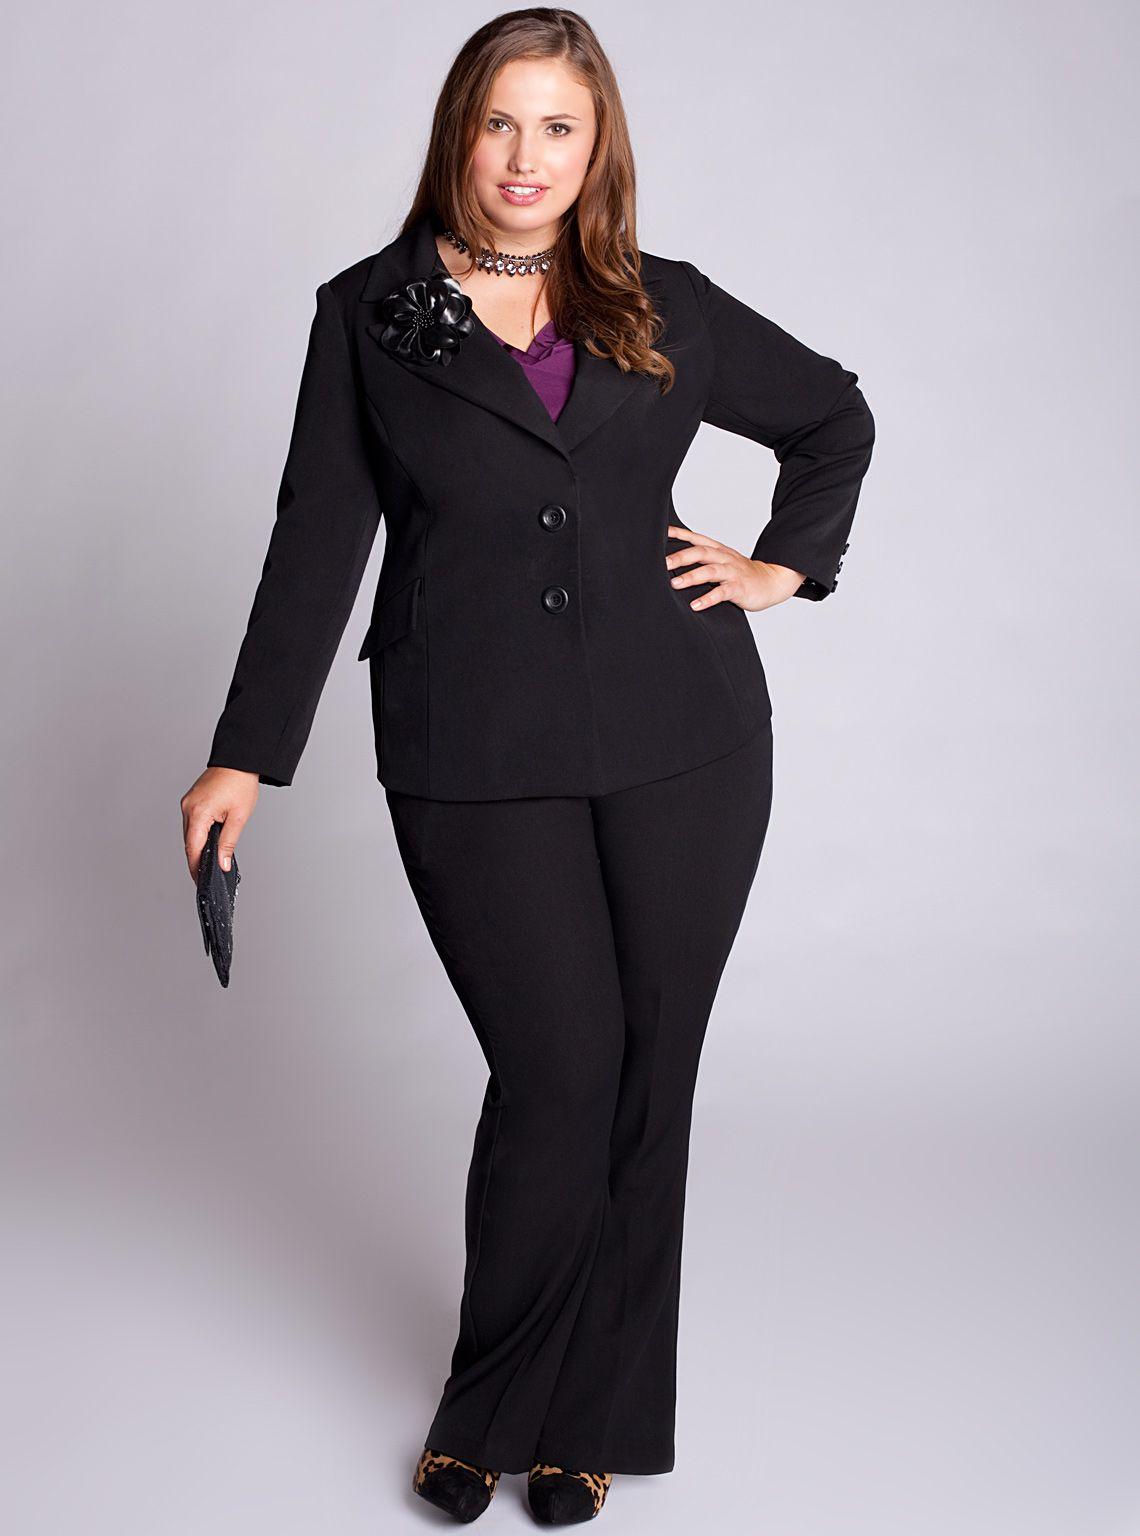 5 Plus Size Tailoring Tips Full Figure Plus Full Figure Fashion